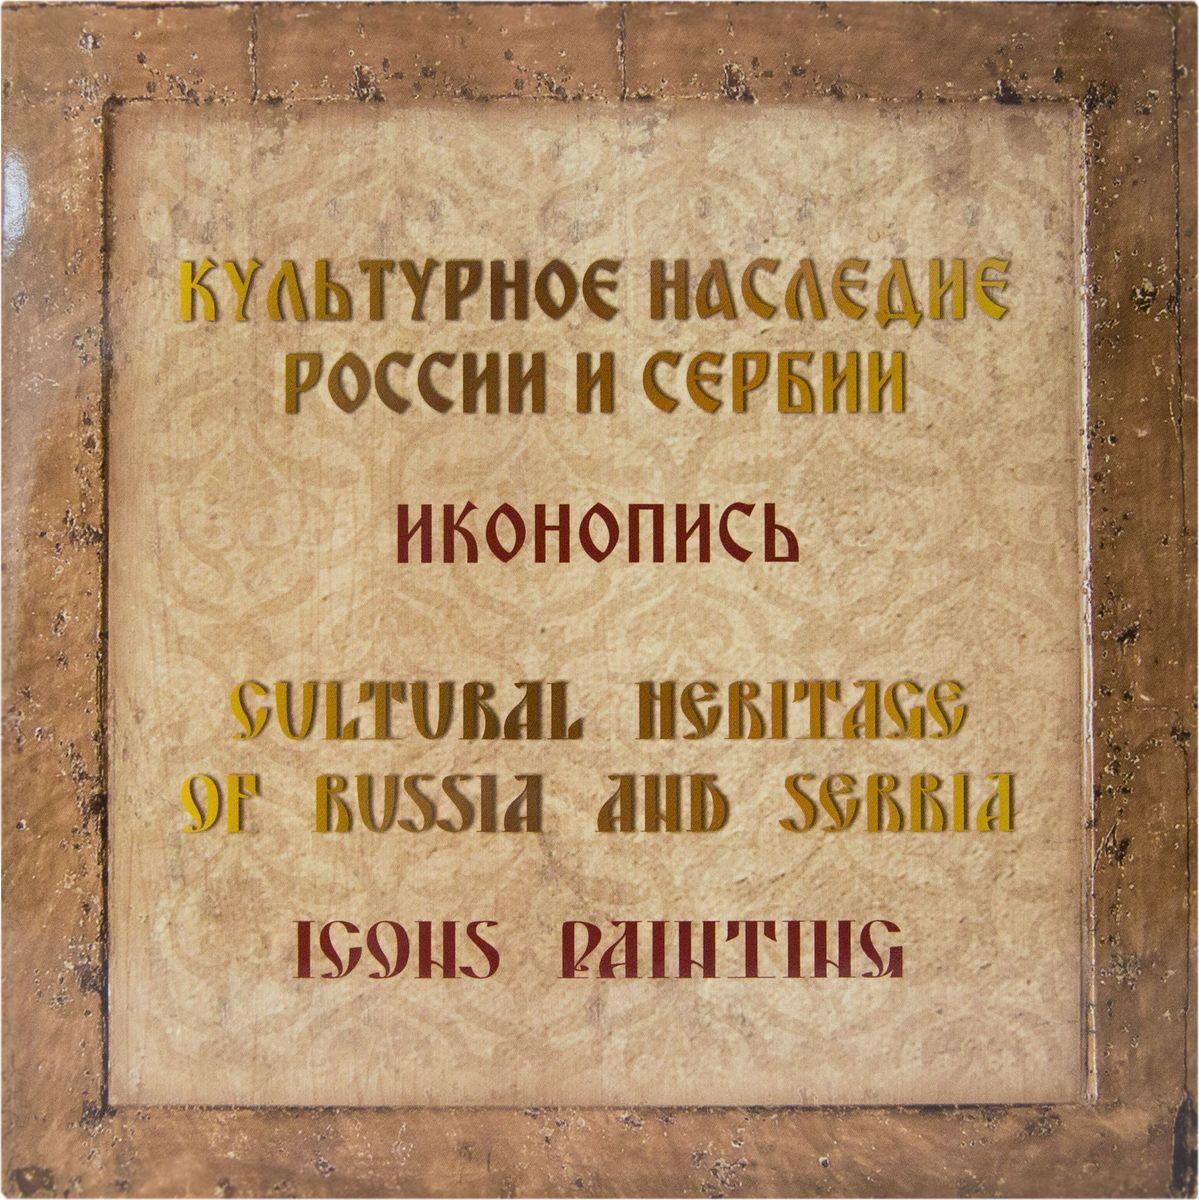 Сувенирный набор в художественной обложке Культурное наследие России и Сербии. Иконопись на авто из сербии в черногорию